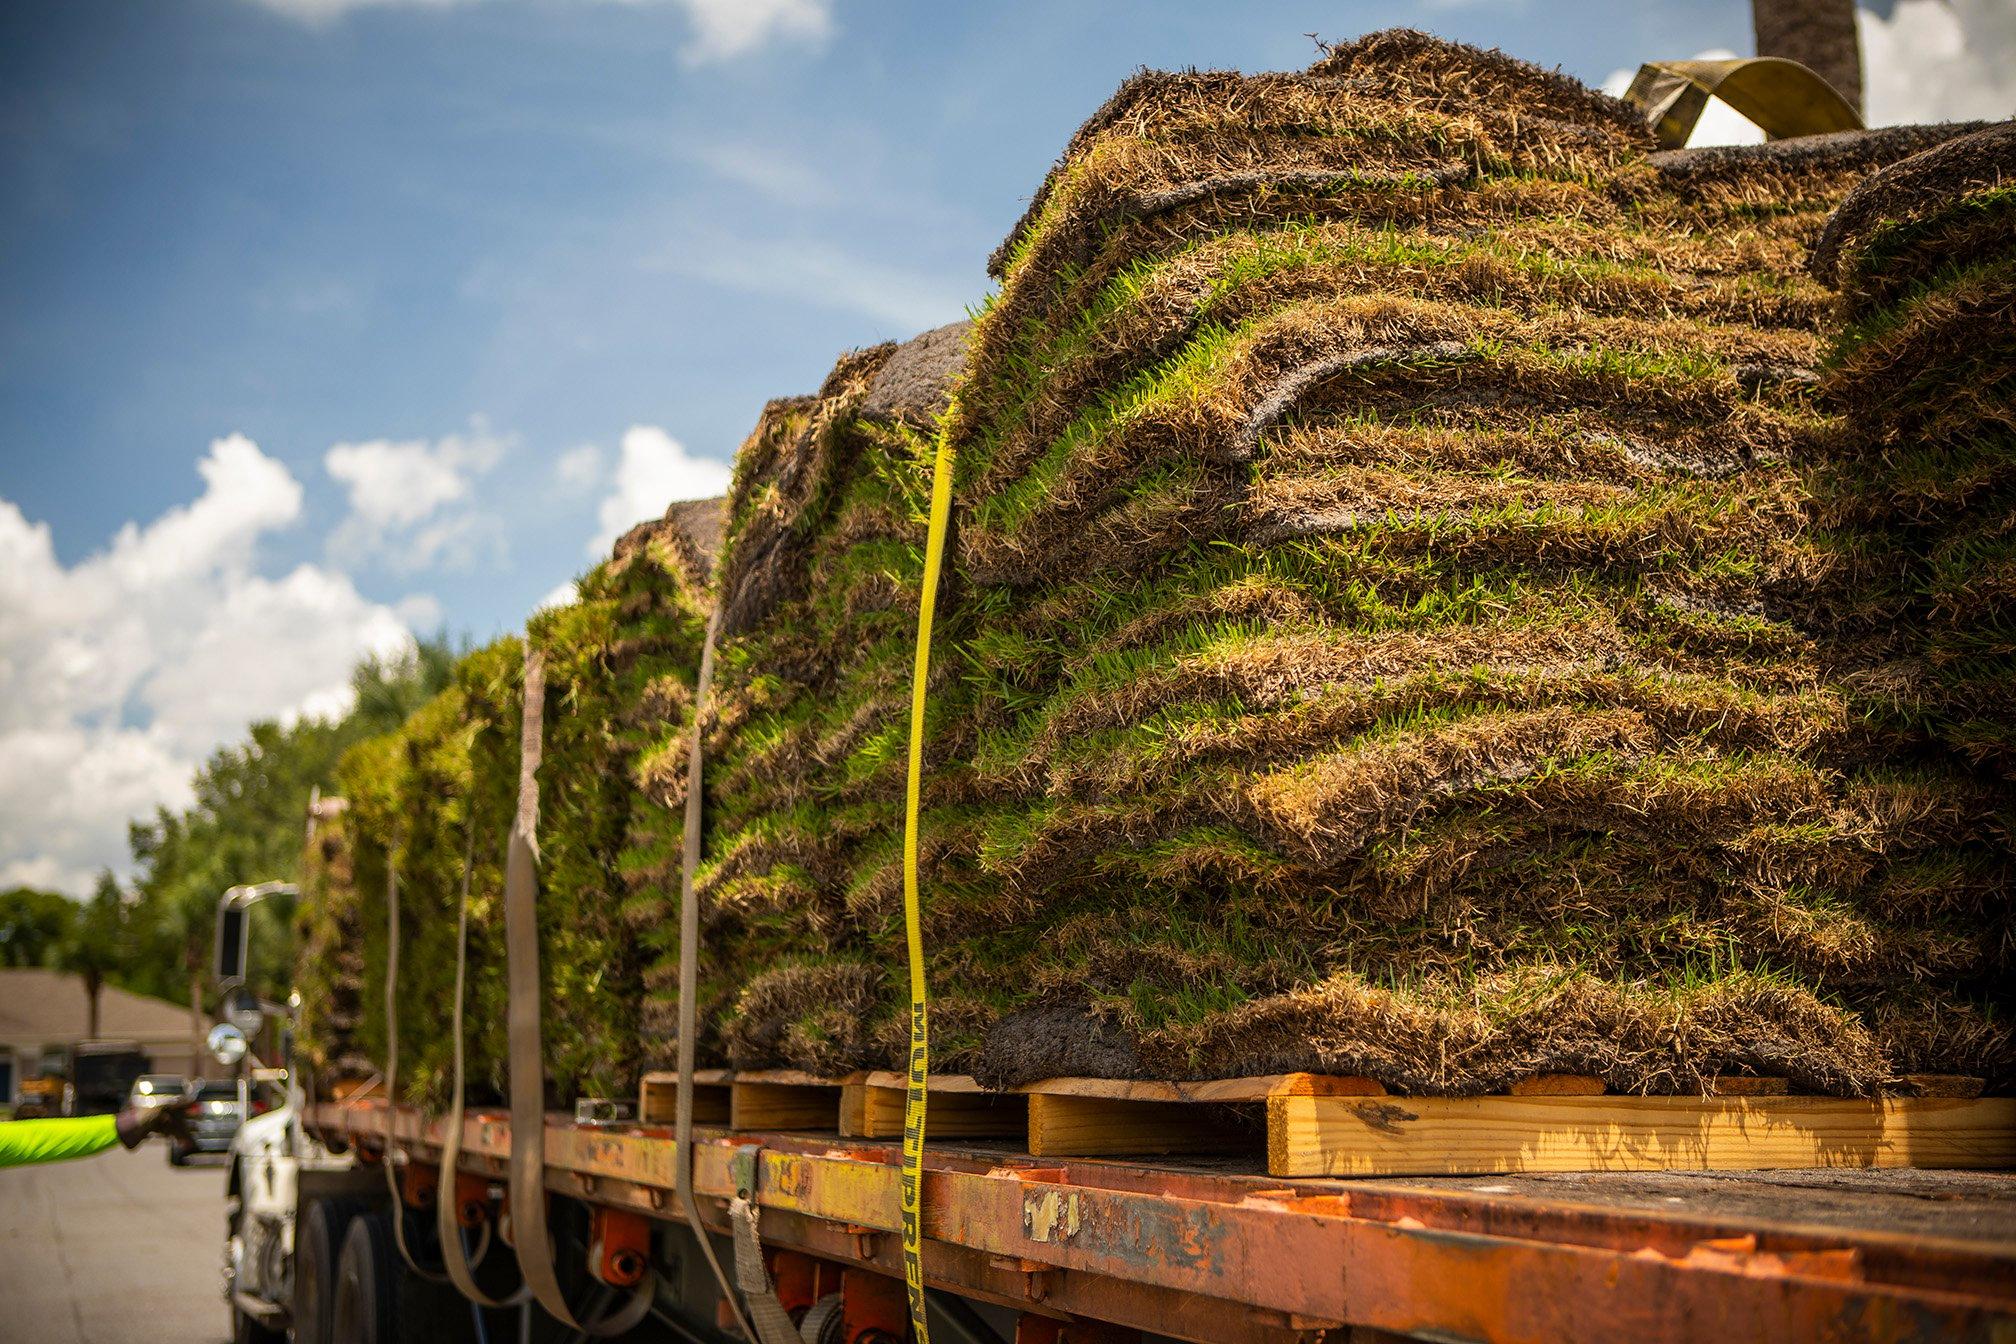 sod being delivered